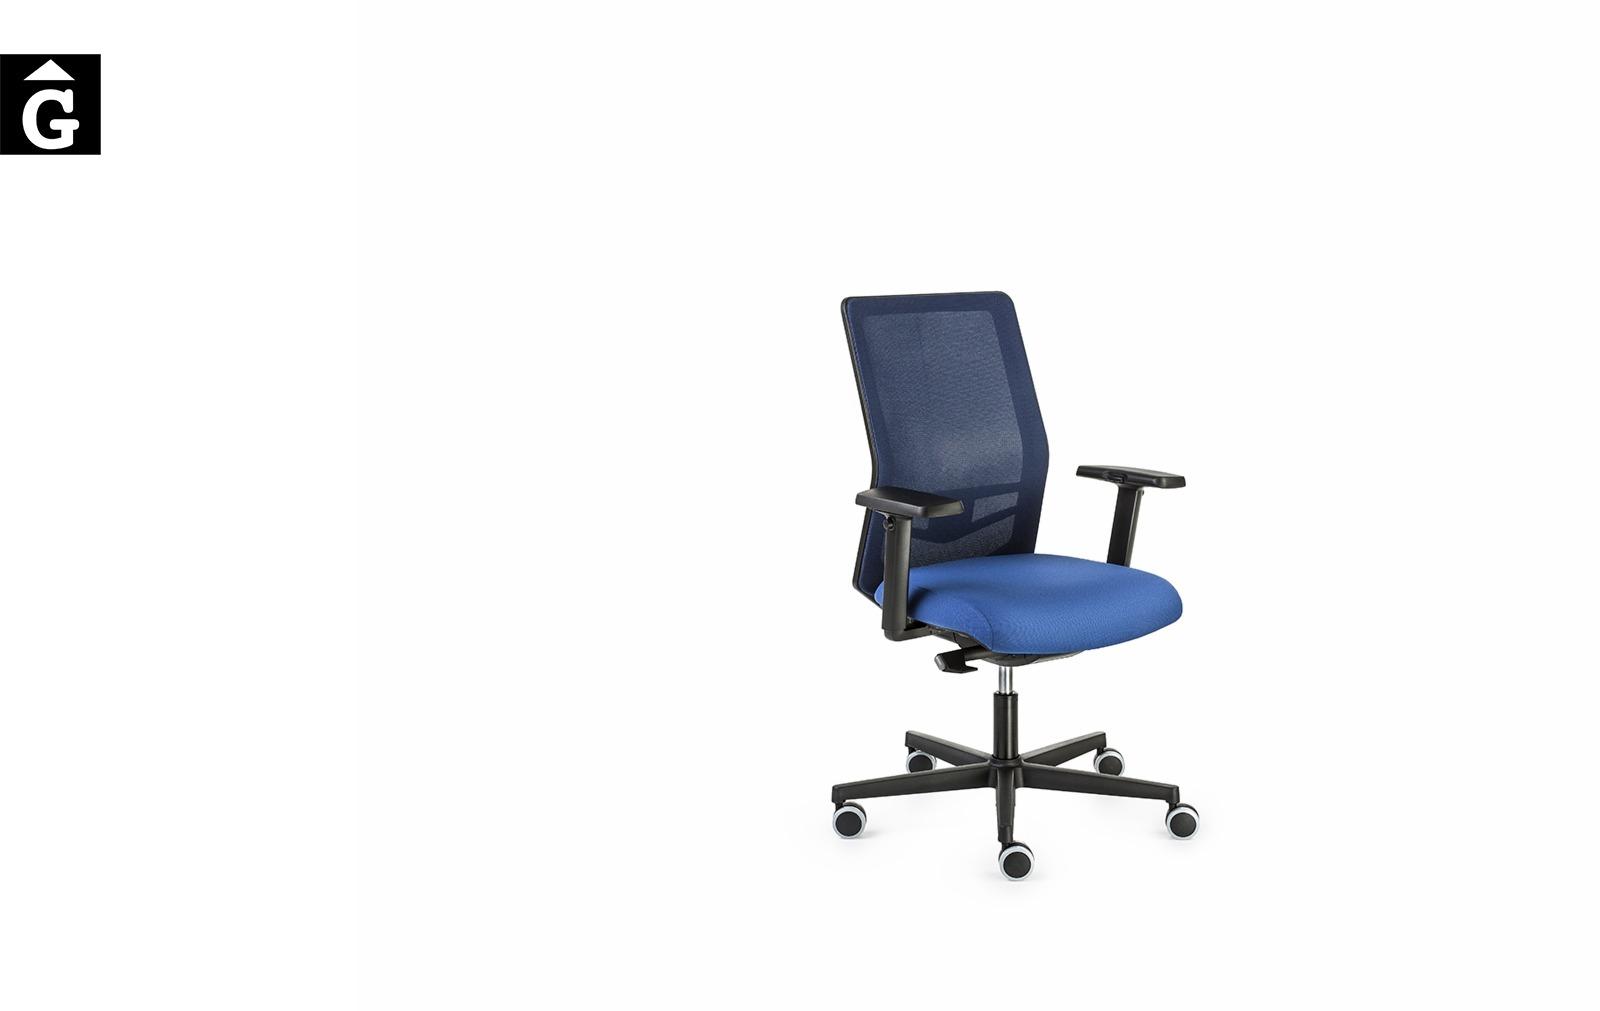 Cadira oficina Equis Negre i blau | Vista Perfil | Dile | mobiliari d'oficina molt interessant | mobles Gifreu | botiga | Contract | Mobles nous oficina